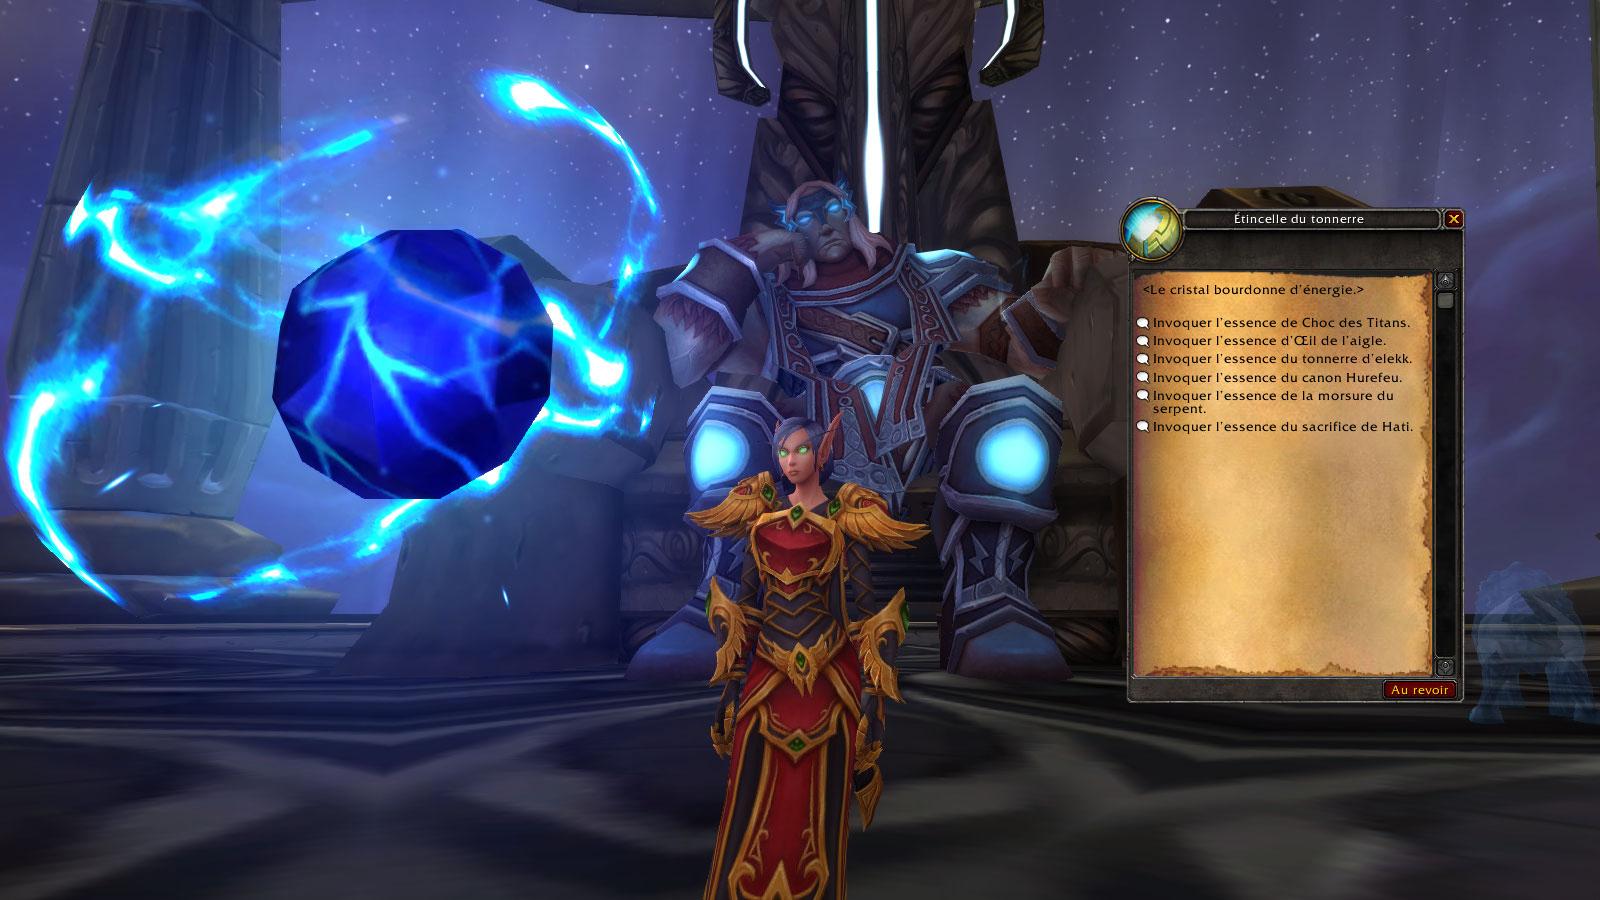 Vous pouvez choisir l'apparence de Hati au Temple des tempêtes